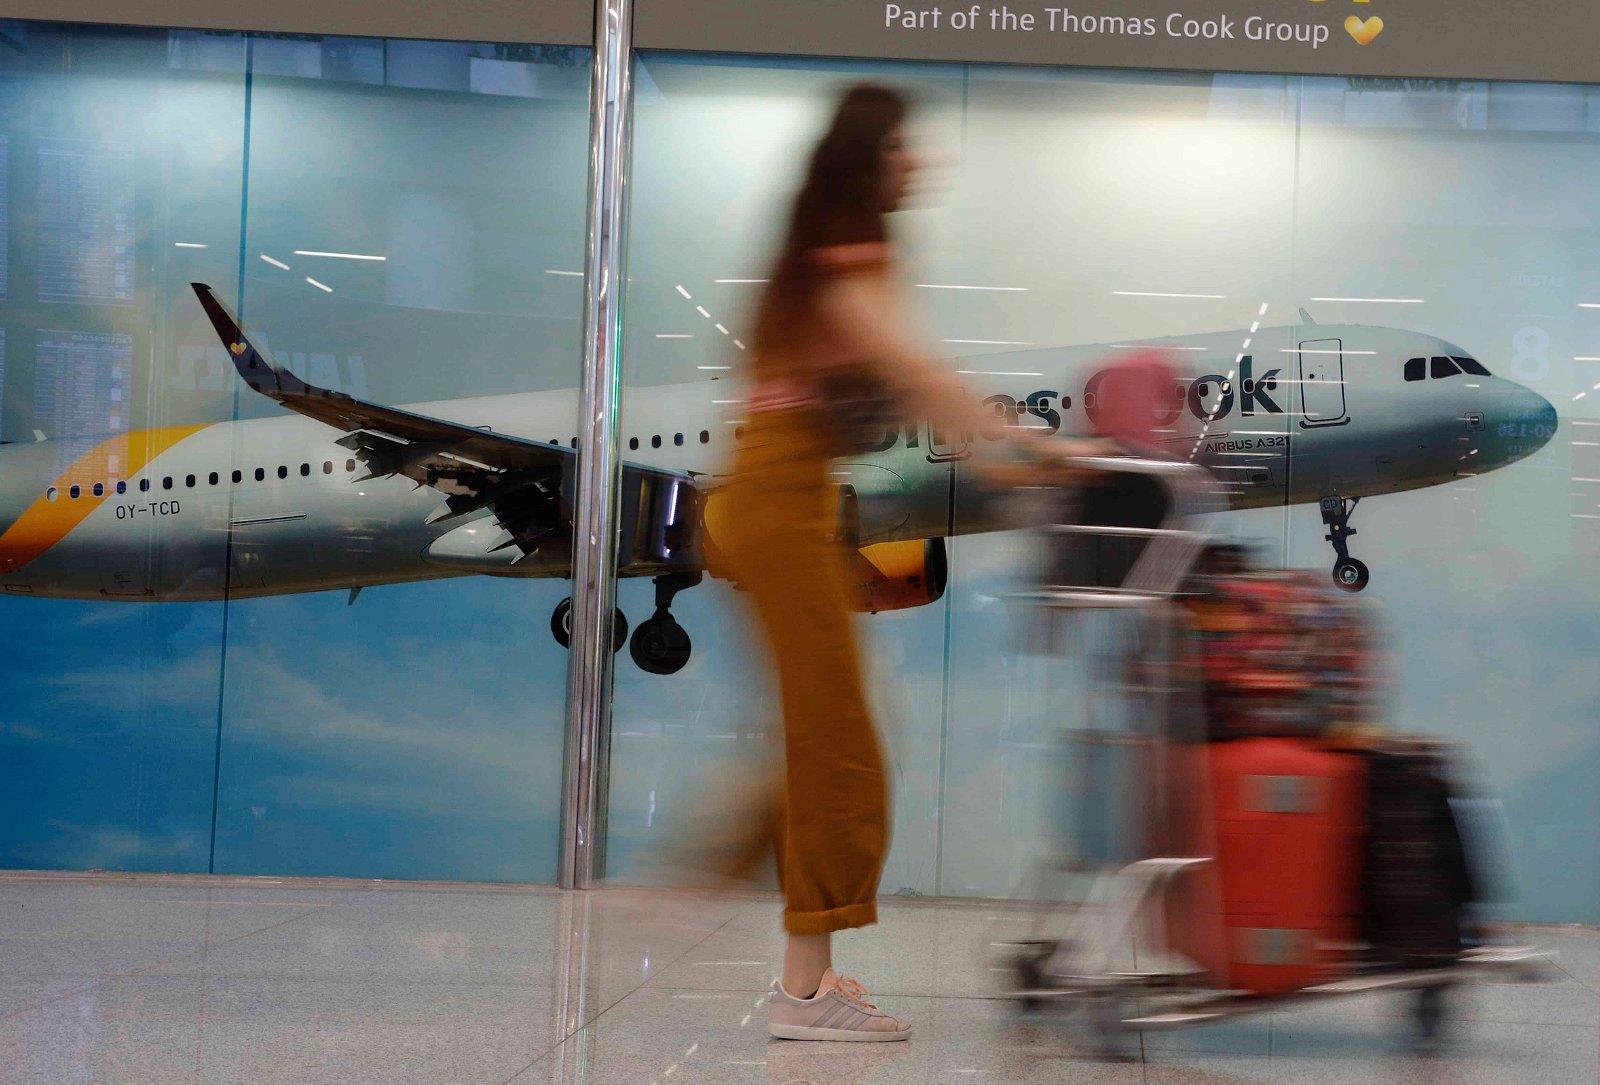 Een man in werkkledij staat aan de deur bij de staart van een vliegtuig van Thomas Cook.